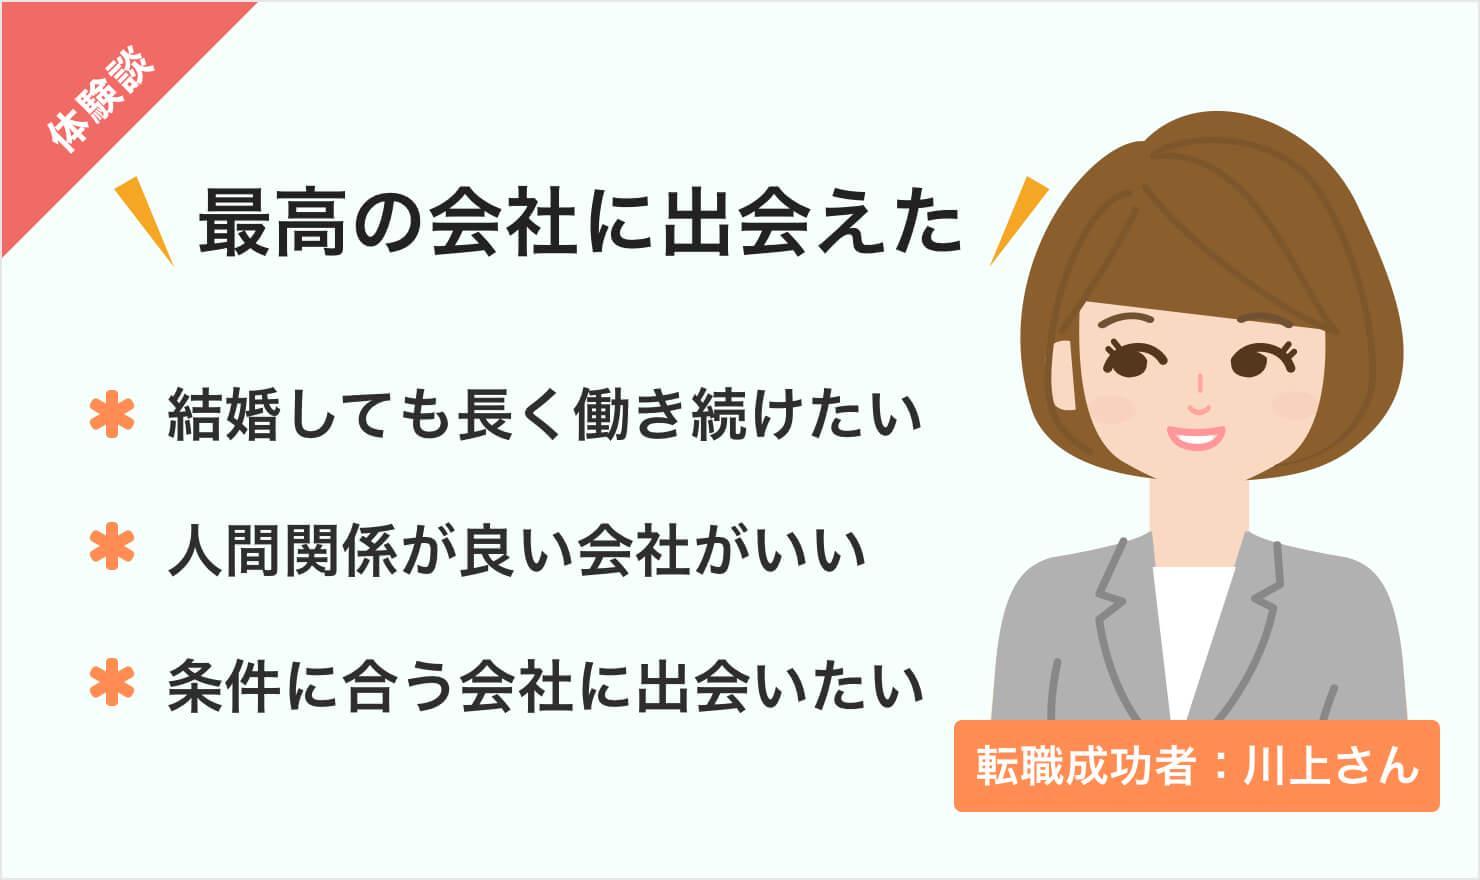 川上さんが転職体験談を話している